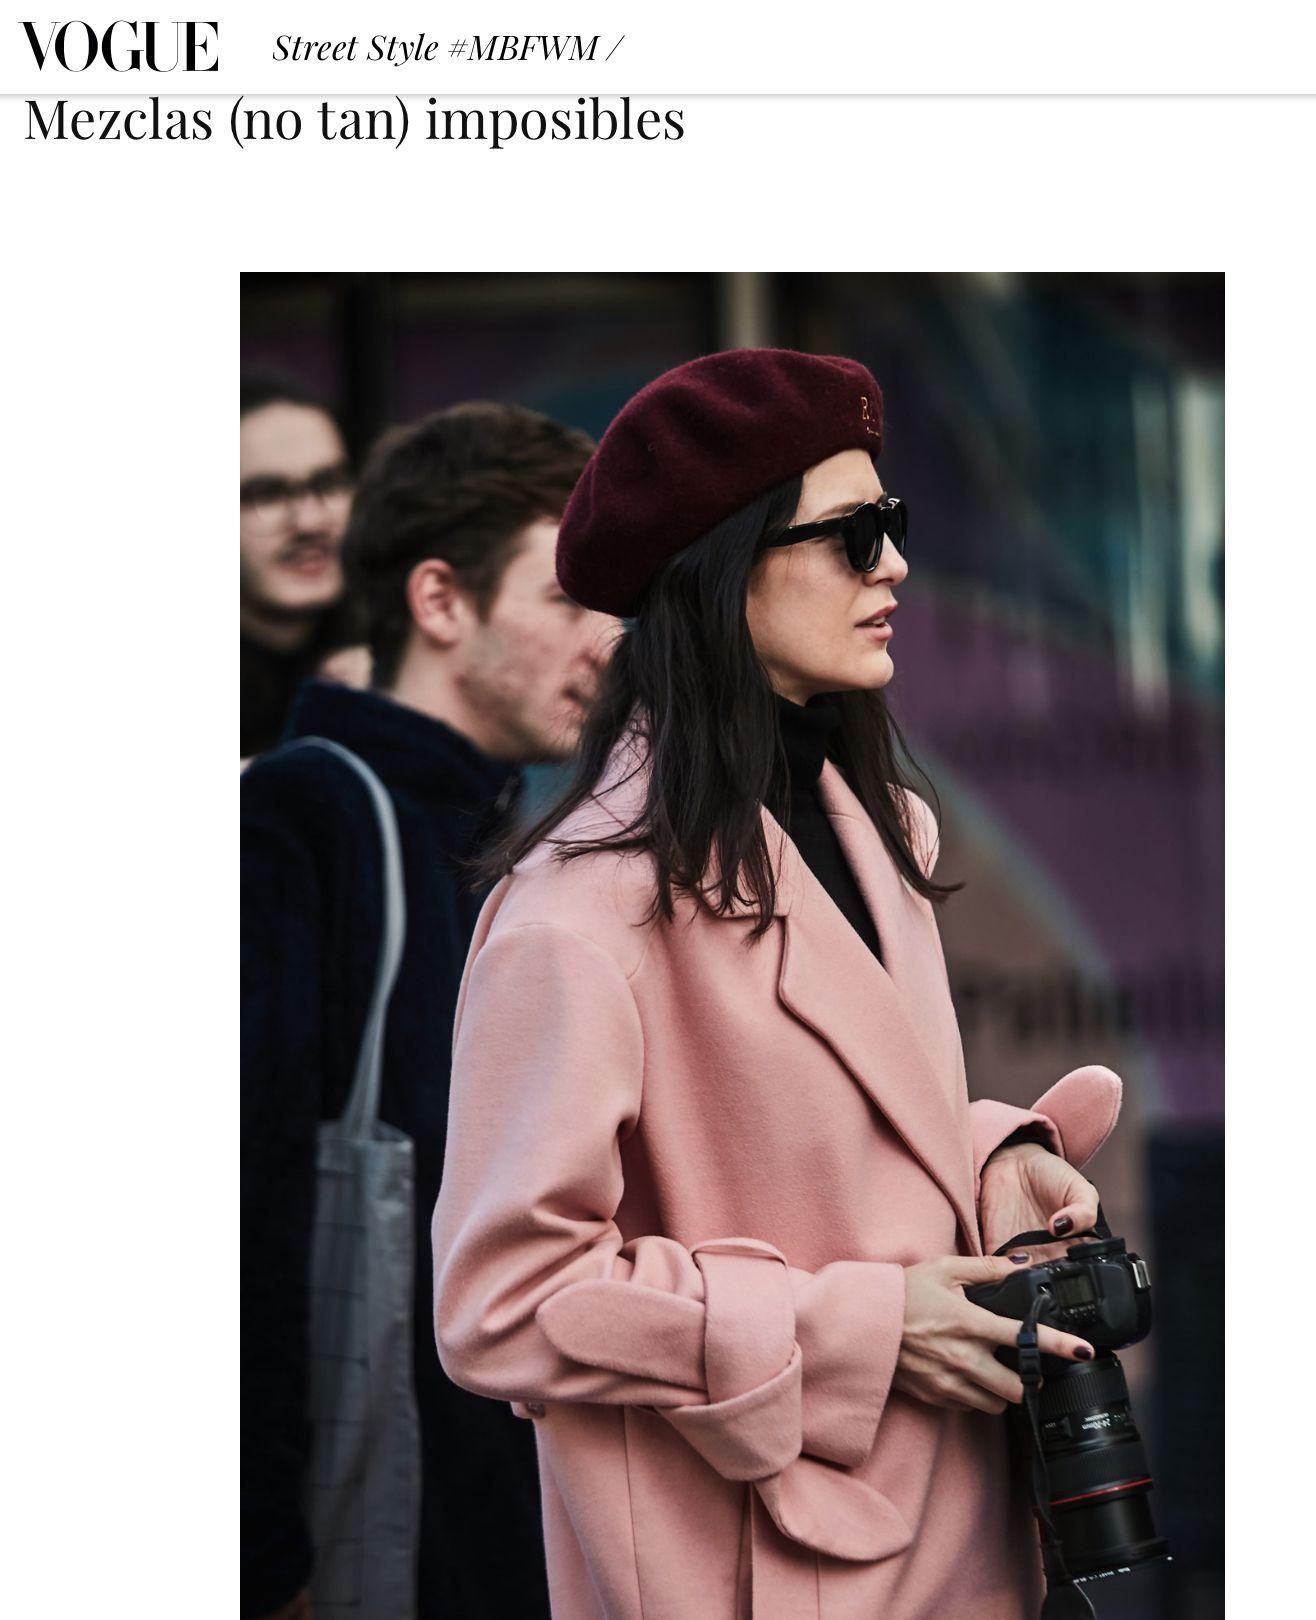 Vogue / MBFWM Madrid / Rosa Copado